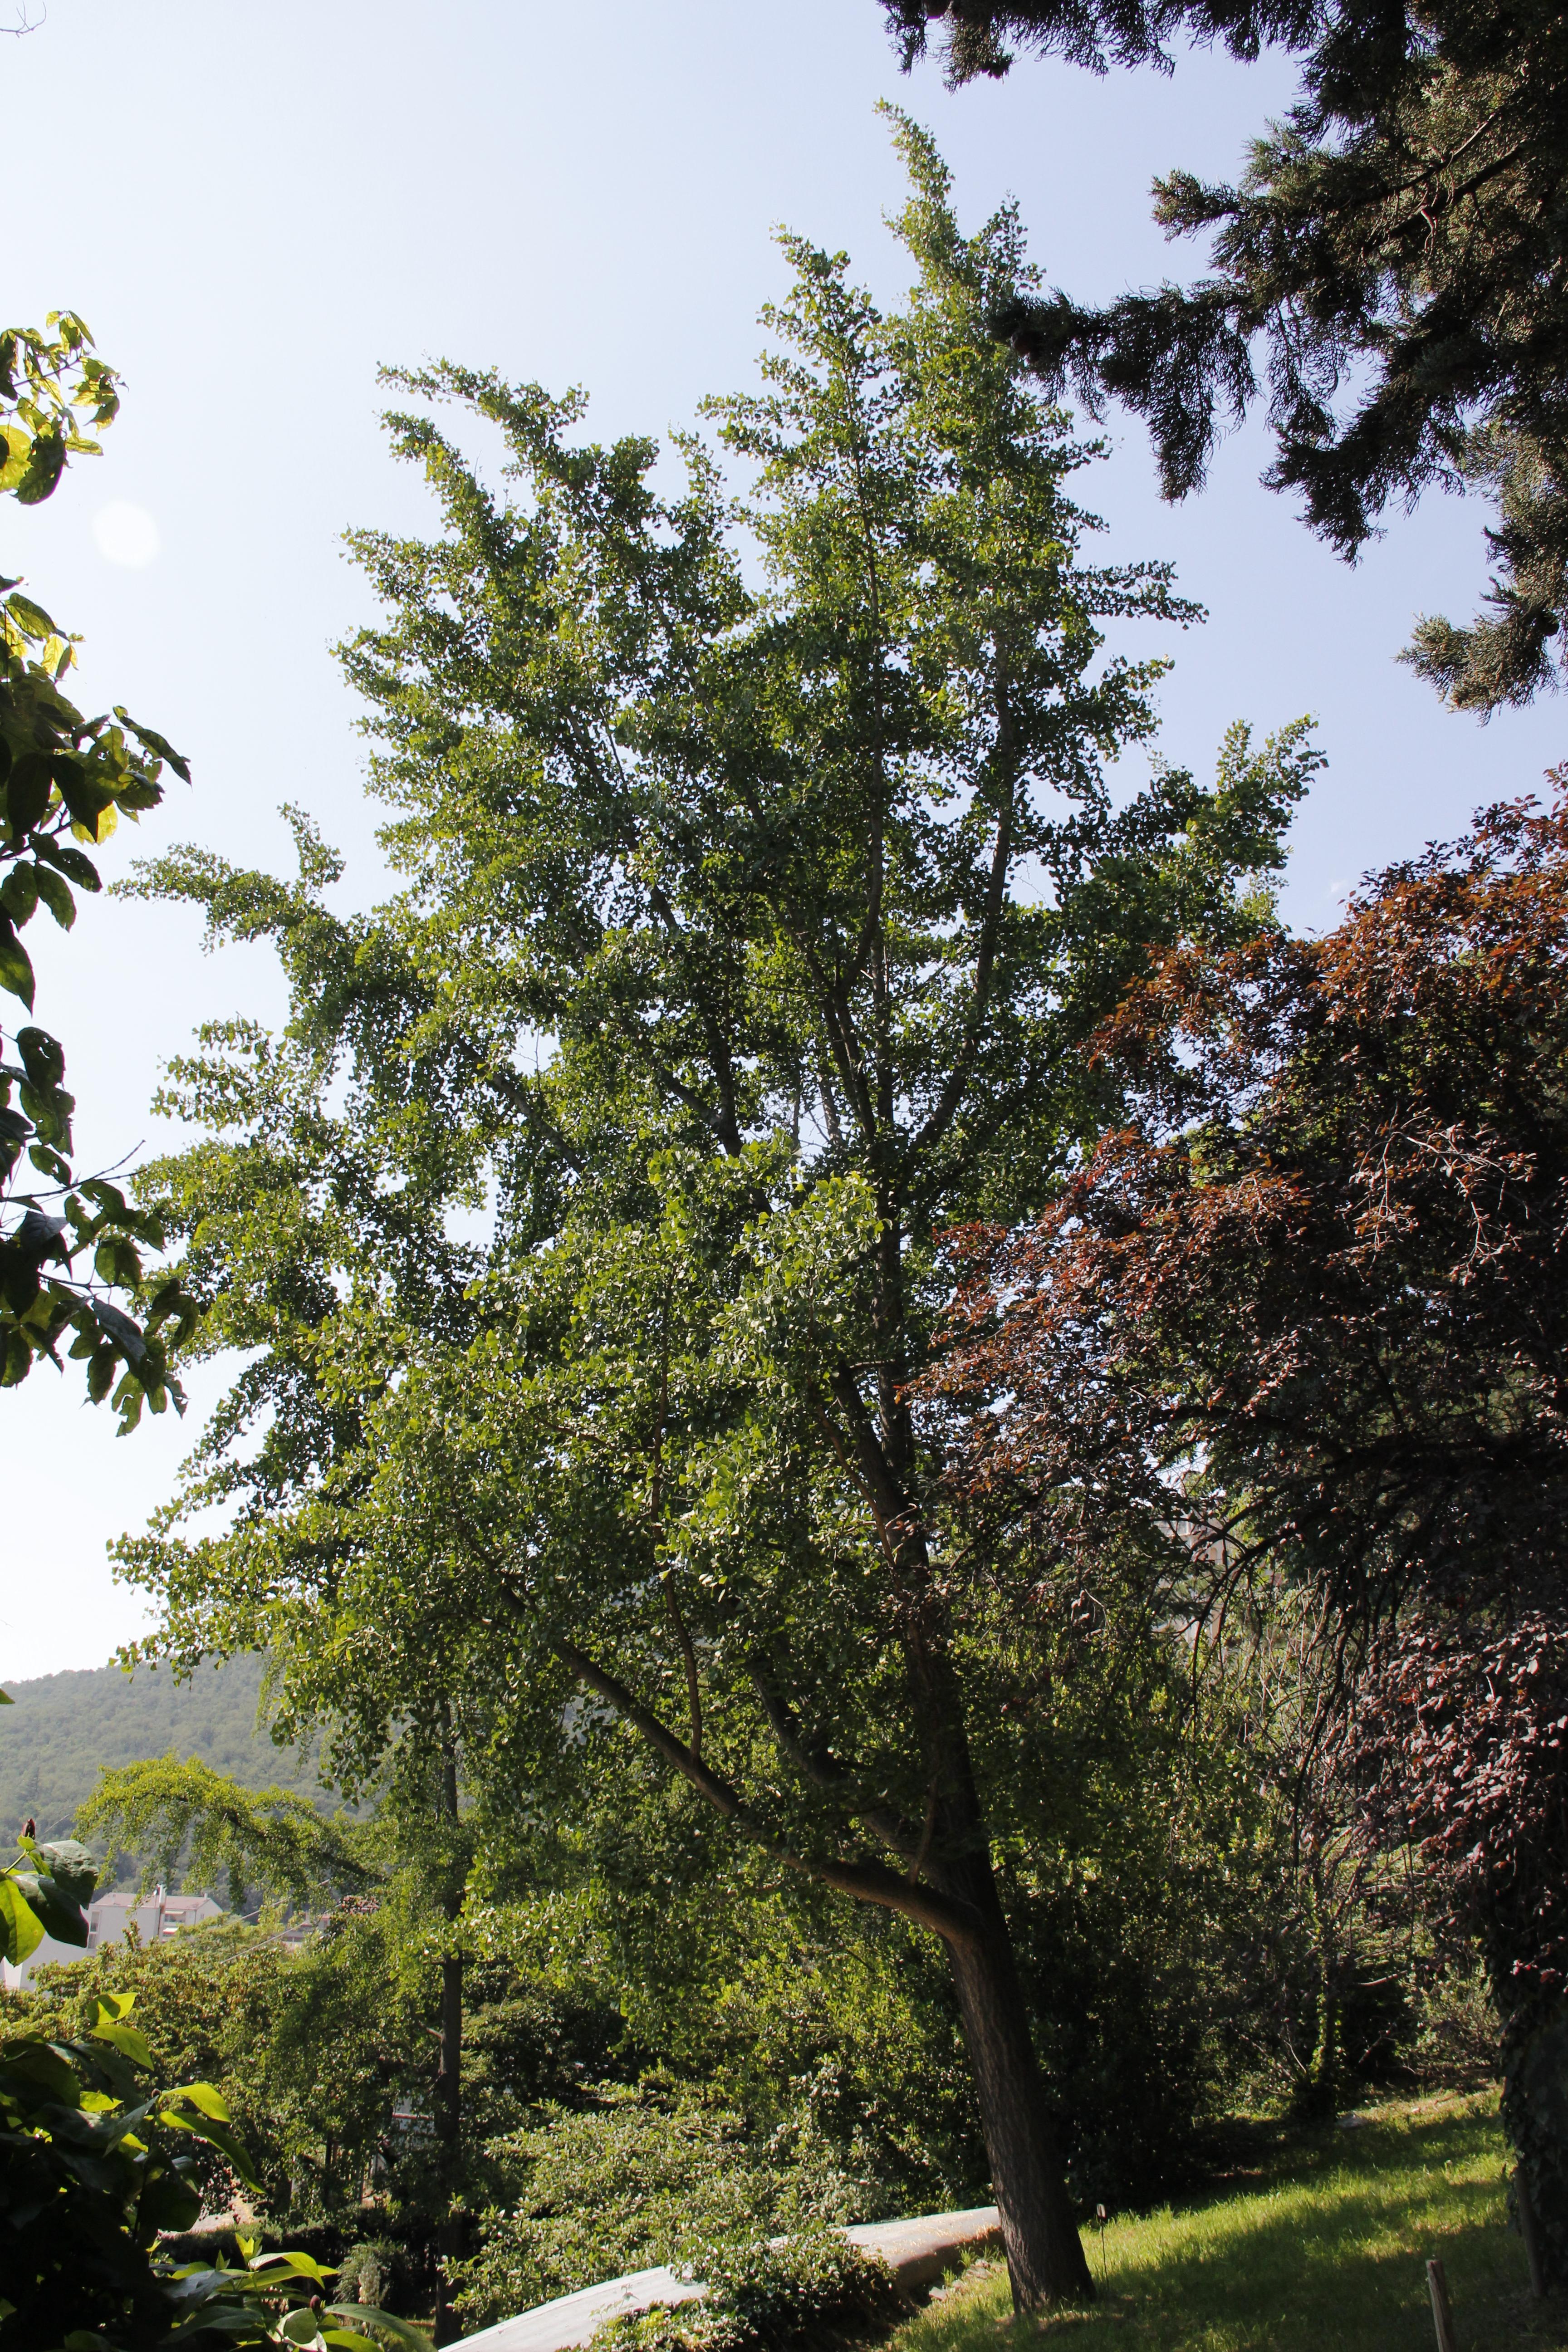 © Dipartimento di Scienze della Vita, Università degli Studi di Trieste<br>by Andrea Moro<br>Comune di Trieste, Campus Universitario, TS, Friuli Venezia Giulia, Italia, 14/06/2013<br>Distributed under CC-BY-SA 4.0 license.